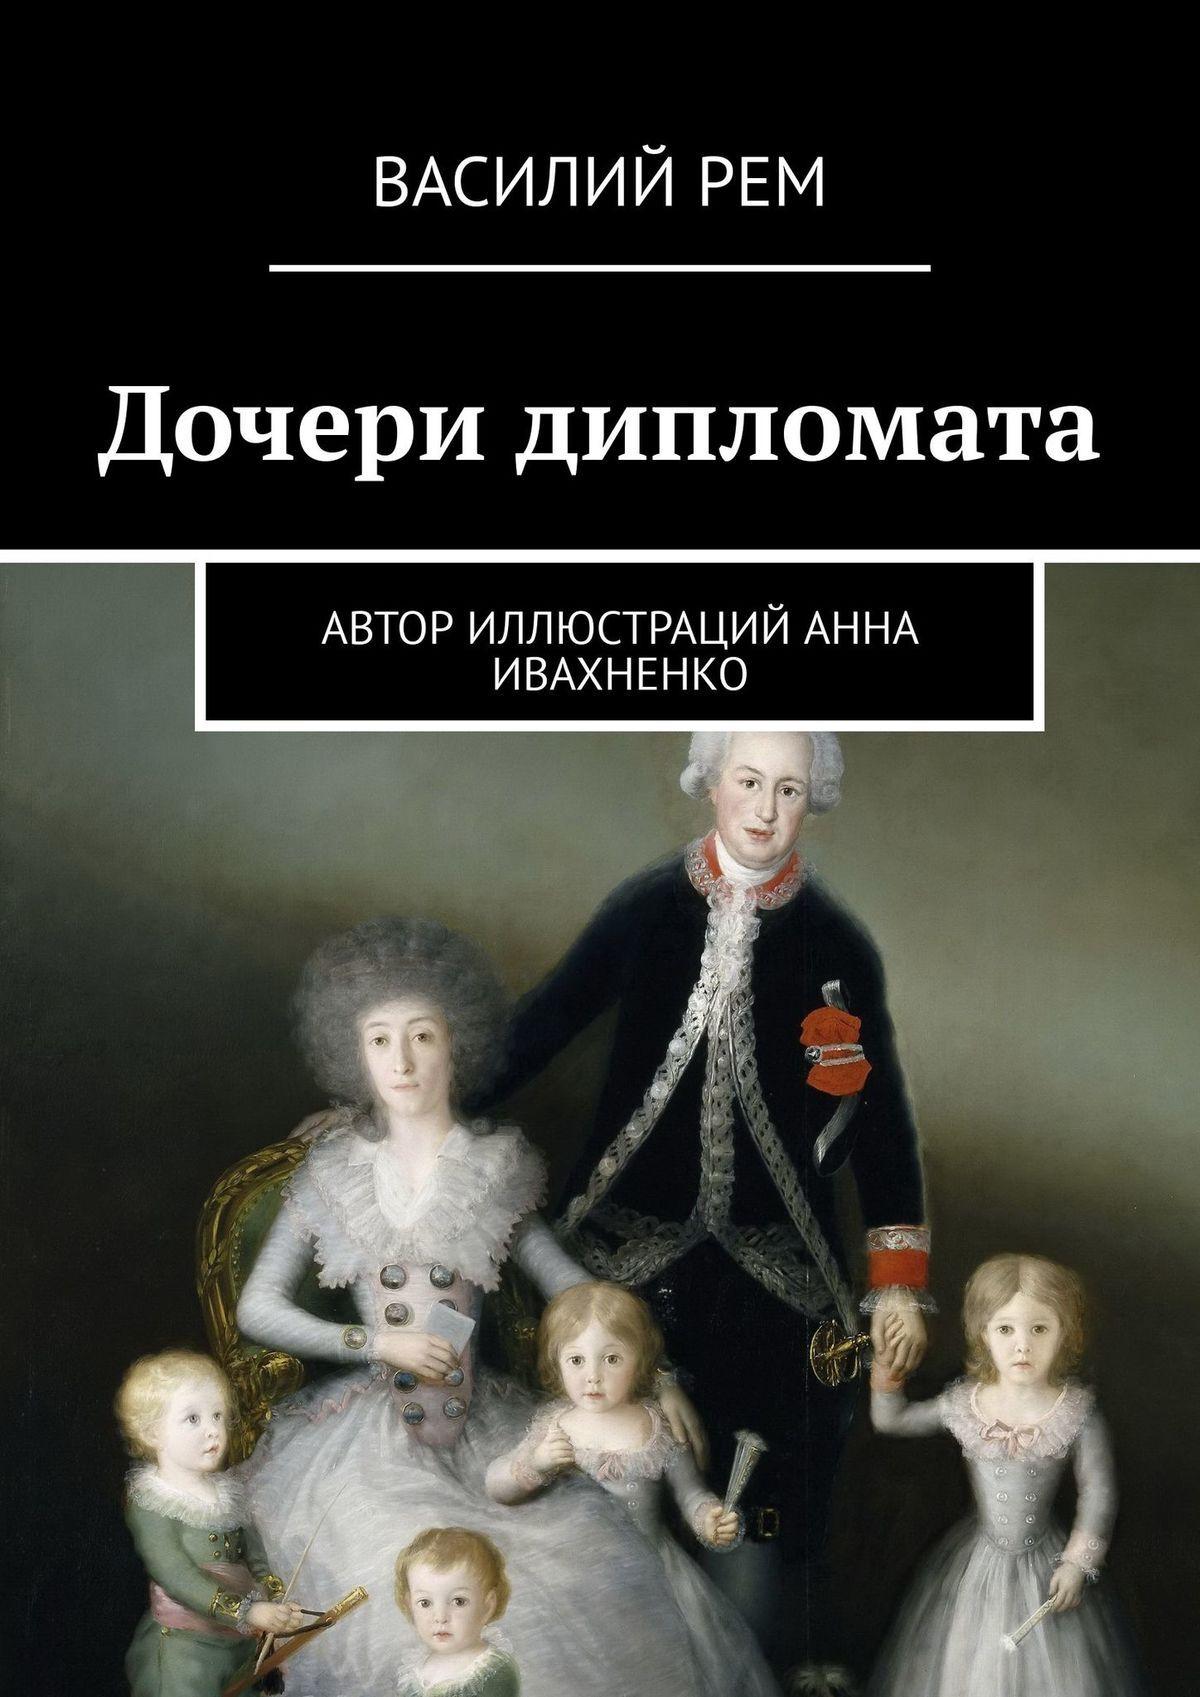 Василий Рем Дочери дипломата. Рожденный вСССР василий рем стихи длявсех рожденный вссср